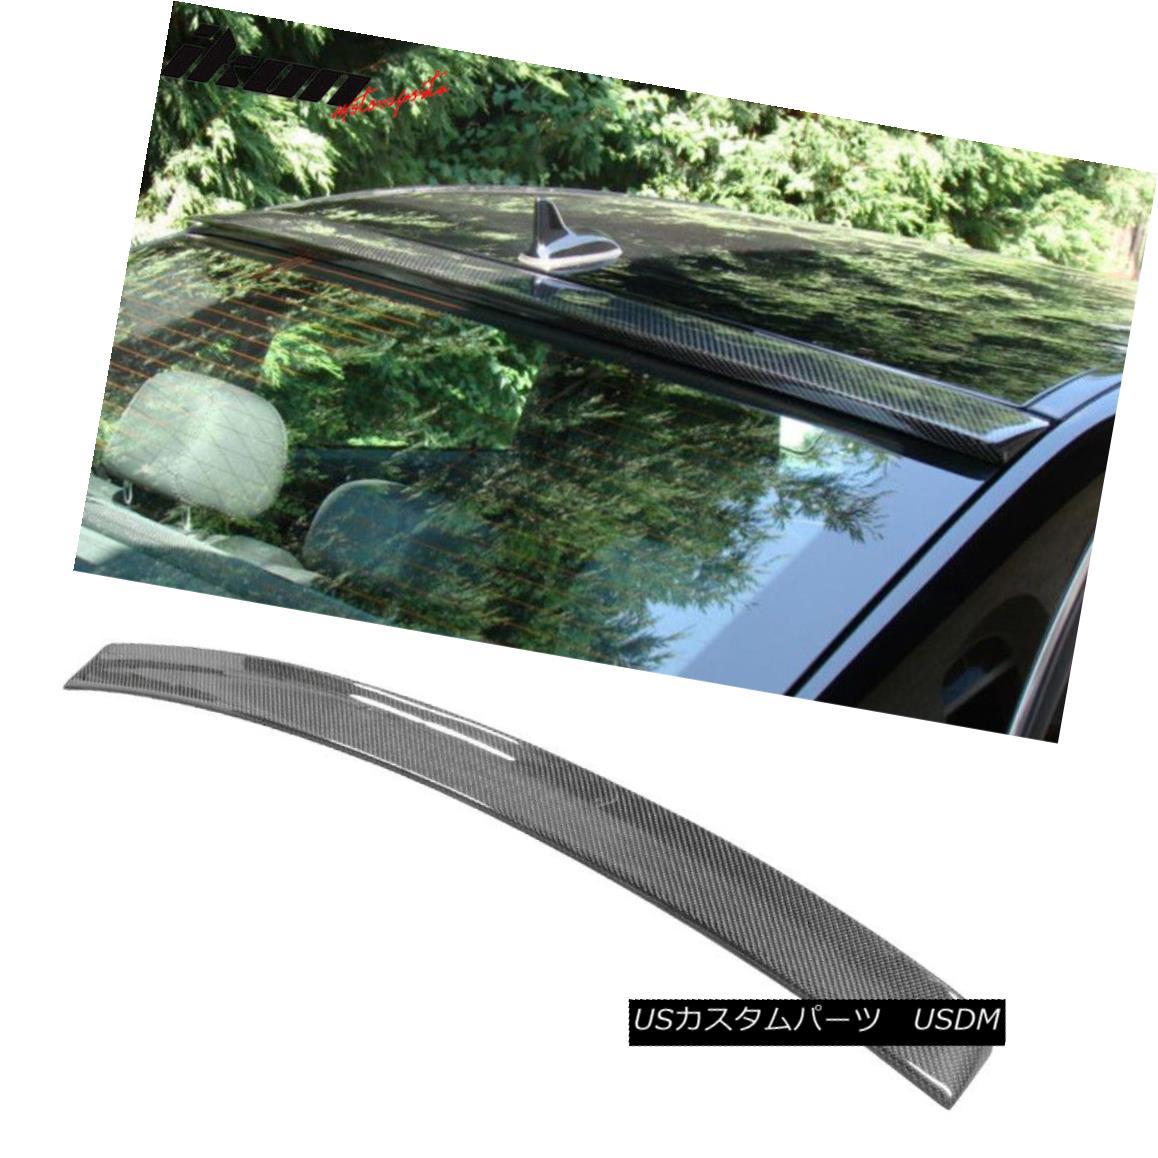 エアロパーツ Fits 10-16 Benz E-Class W212 Sedan OE Factory Roof Spoiler Carbon Fiber CF フィット10-16ベンツEクラスW212セダンOE工場ルーフスポイラー炭素繊維CF